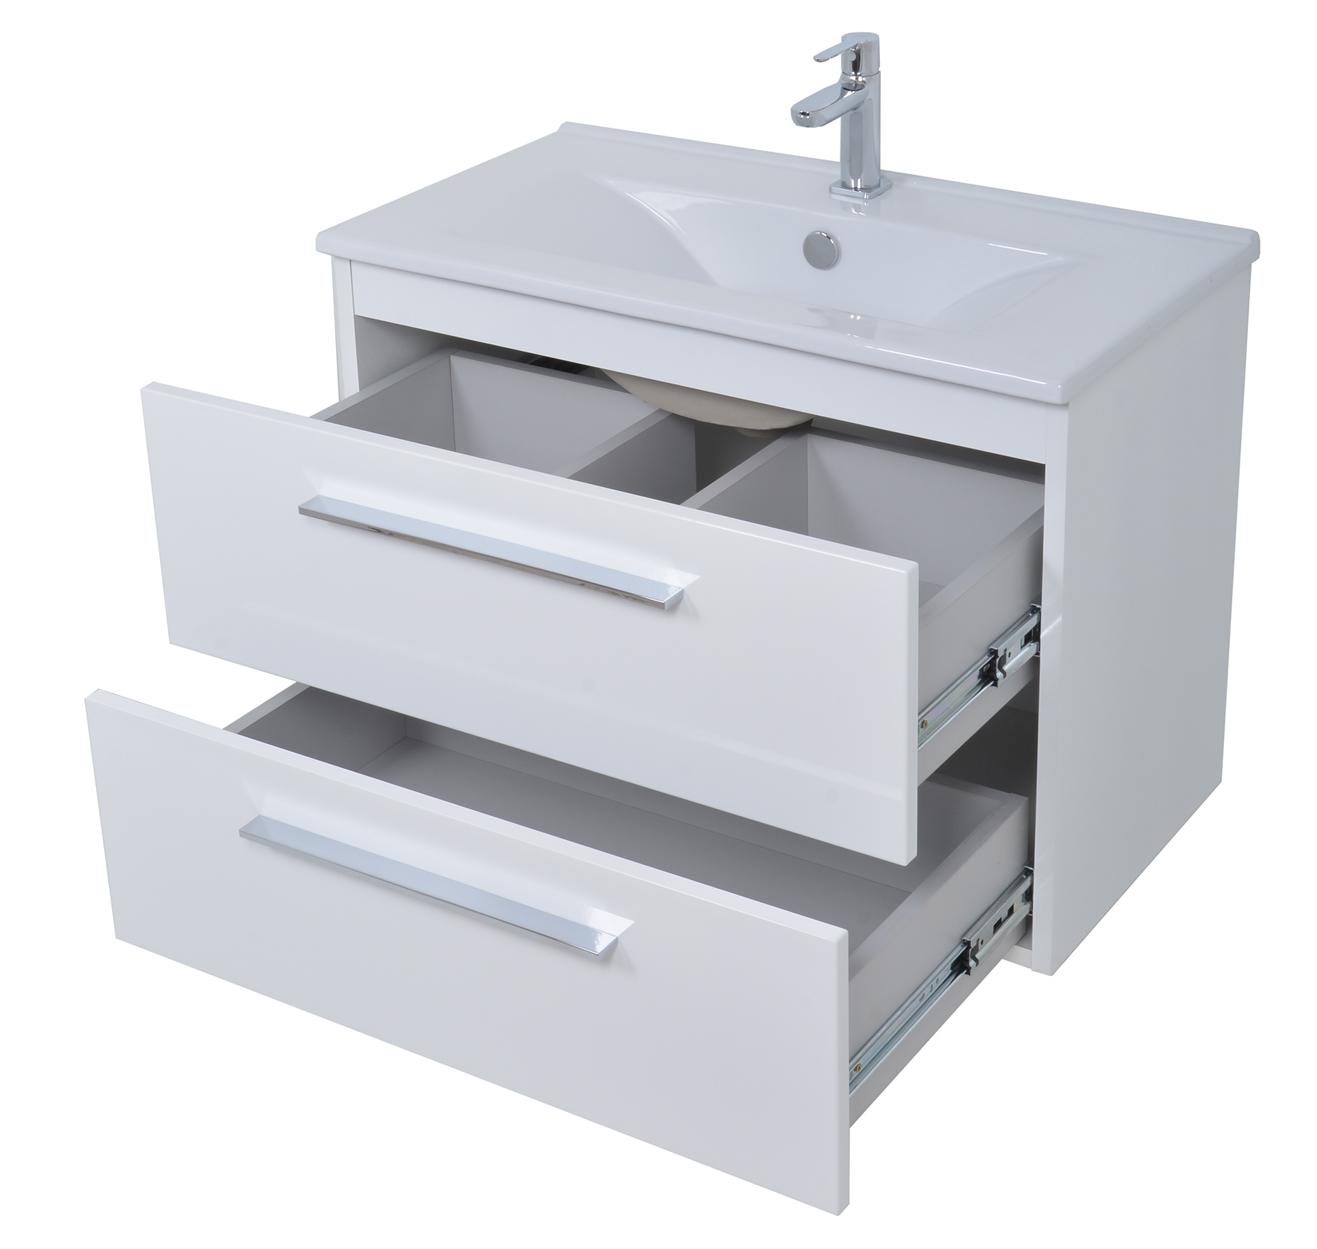 neu waschbeckenunterschrank mit waschbecken 82 direkt vom. Black Bedroom Furniture Sets. Home Design Ideas